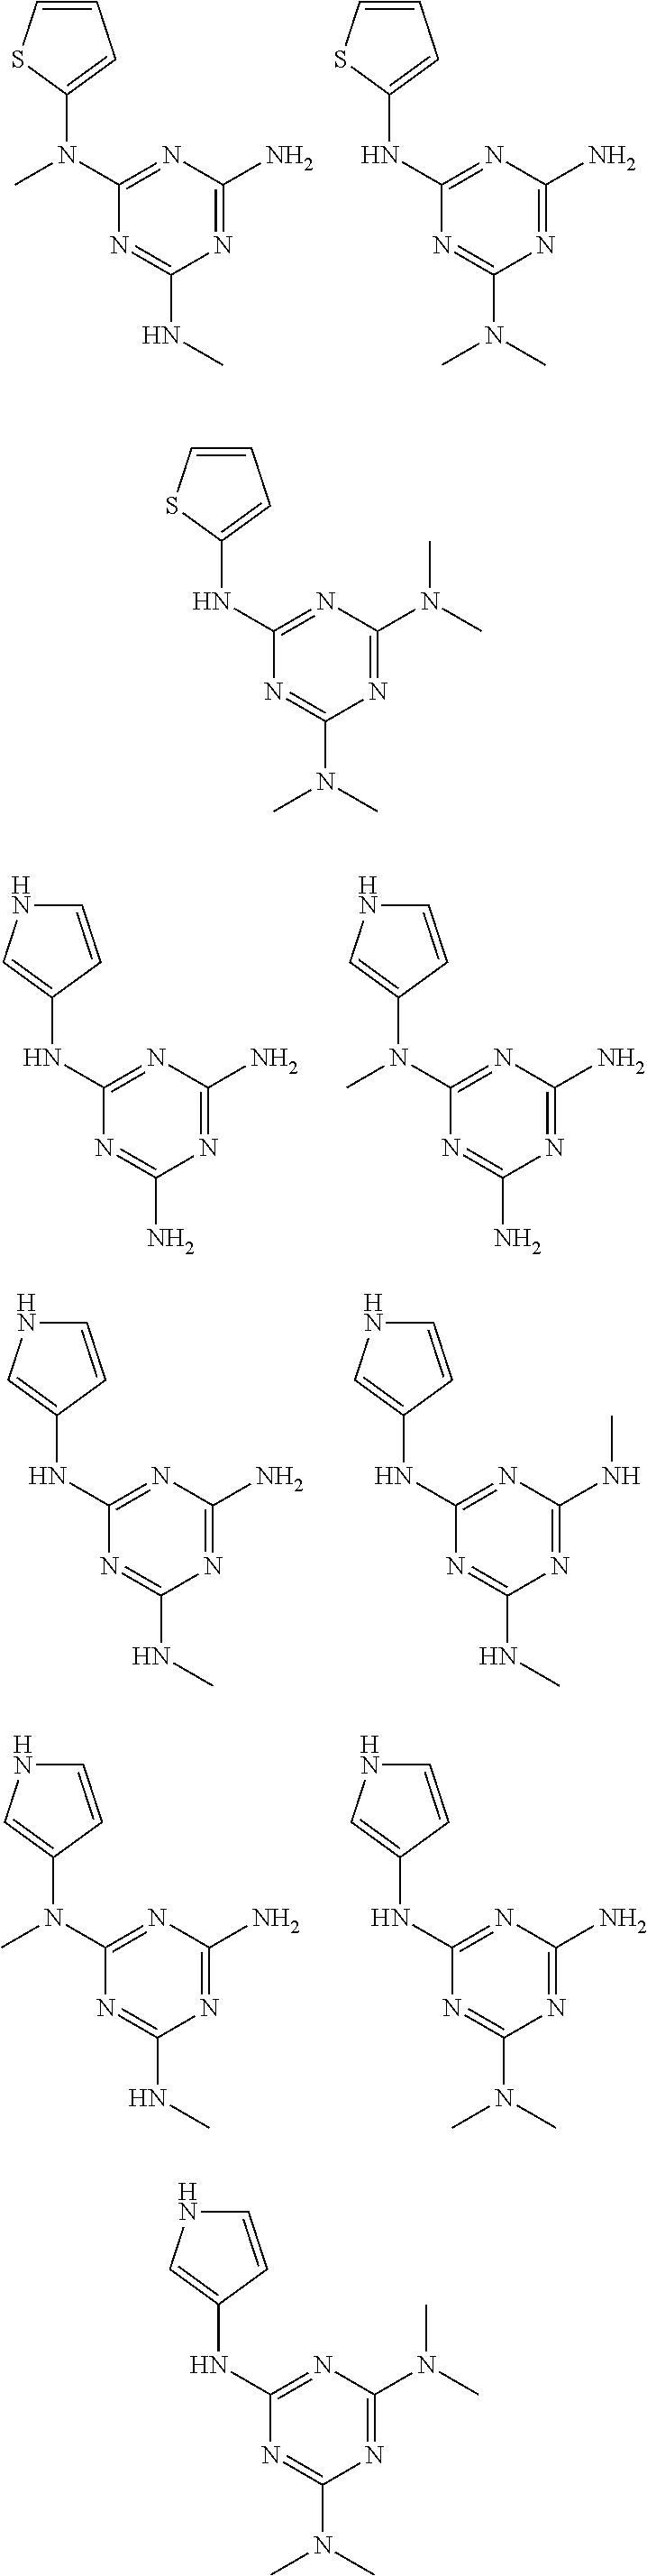 Figure US09480663-20161101-C00122